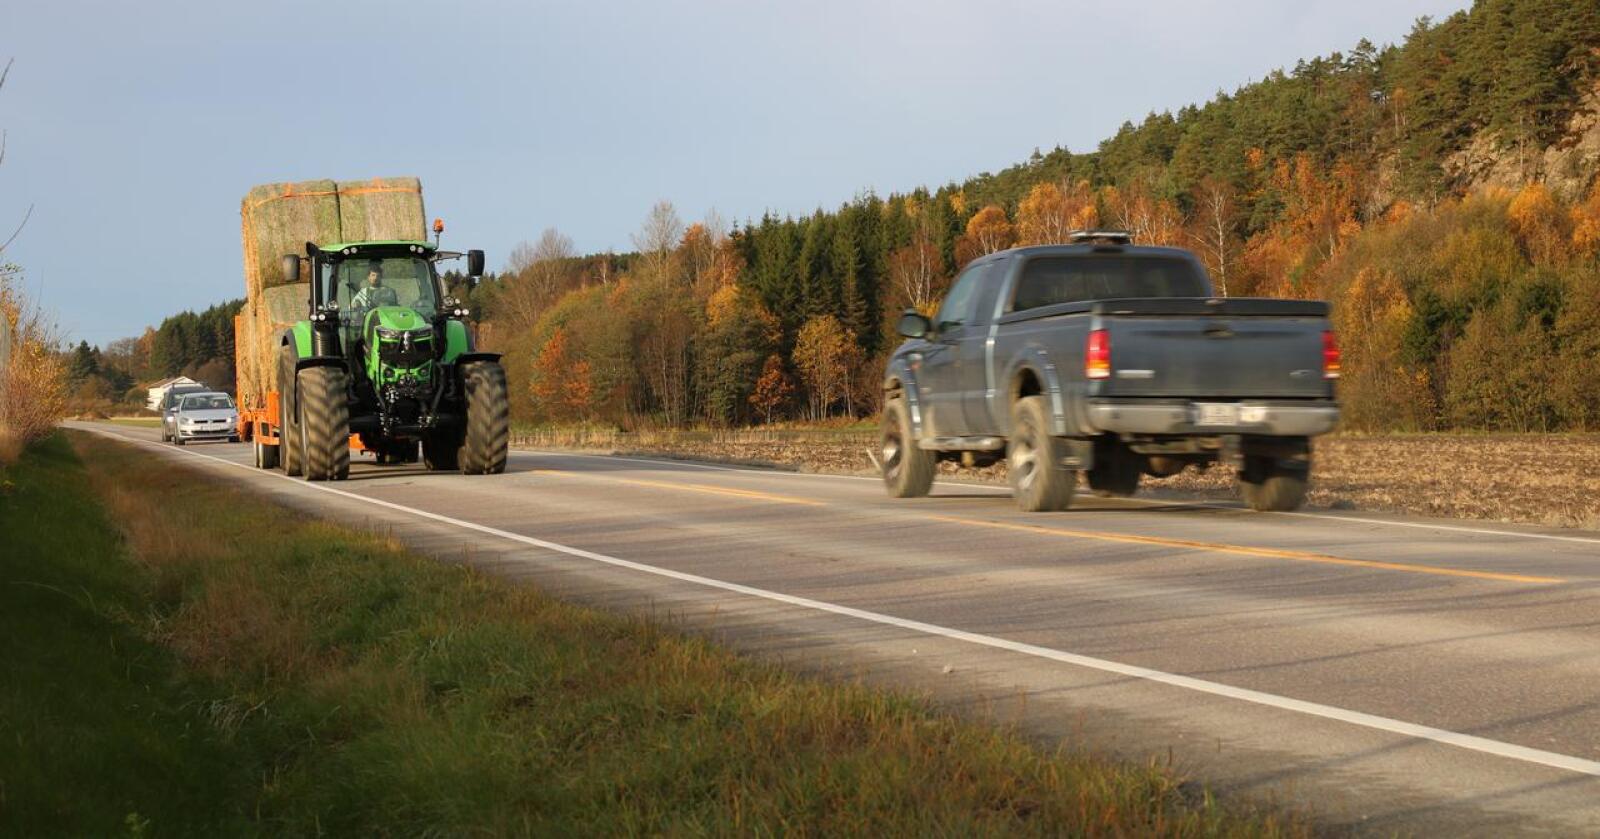 Ulike hastigheter: Vegvesenet og regjeringen vil ha flere trafikanter over på samme fart. Men Bondelaget og Skogeierforbundet mener forslaget treffer dårlig, og virker ekskluderende for næringsdrivende. (Foto: Traktor)